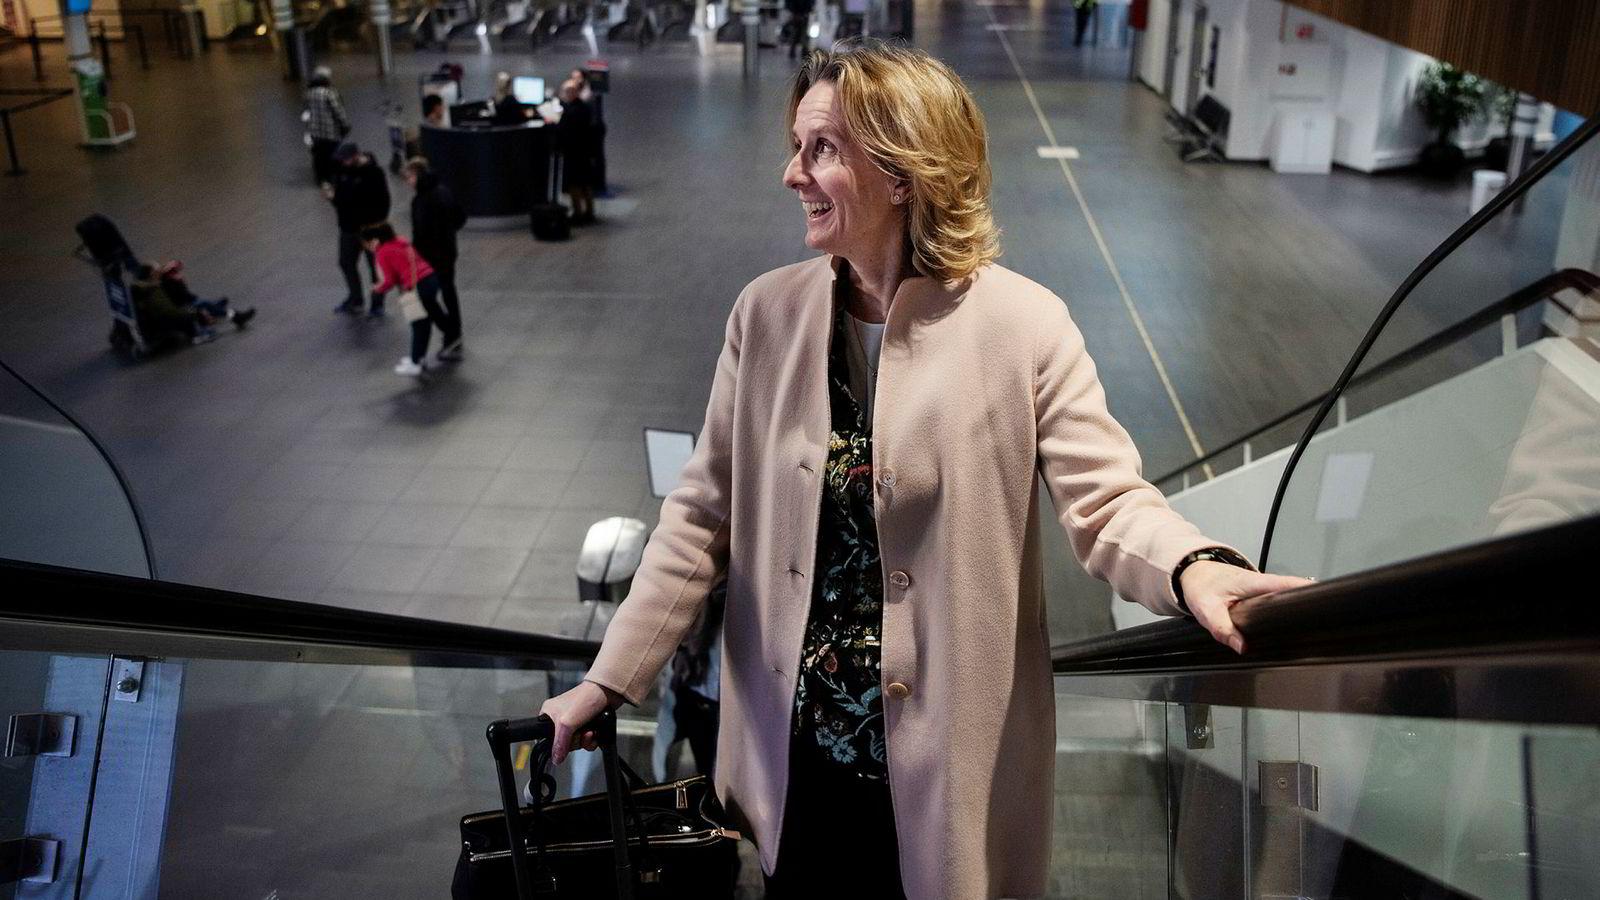 Irene Rummelhoff på vei til London og møte med investorer. Rummelhoff er konserndirektøren som har ansvaret for all salg av olje og gass i Equinor.